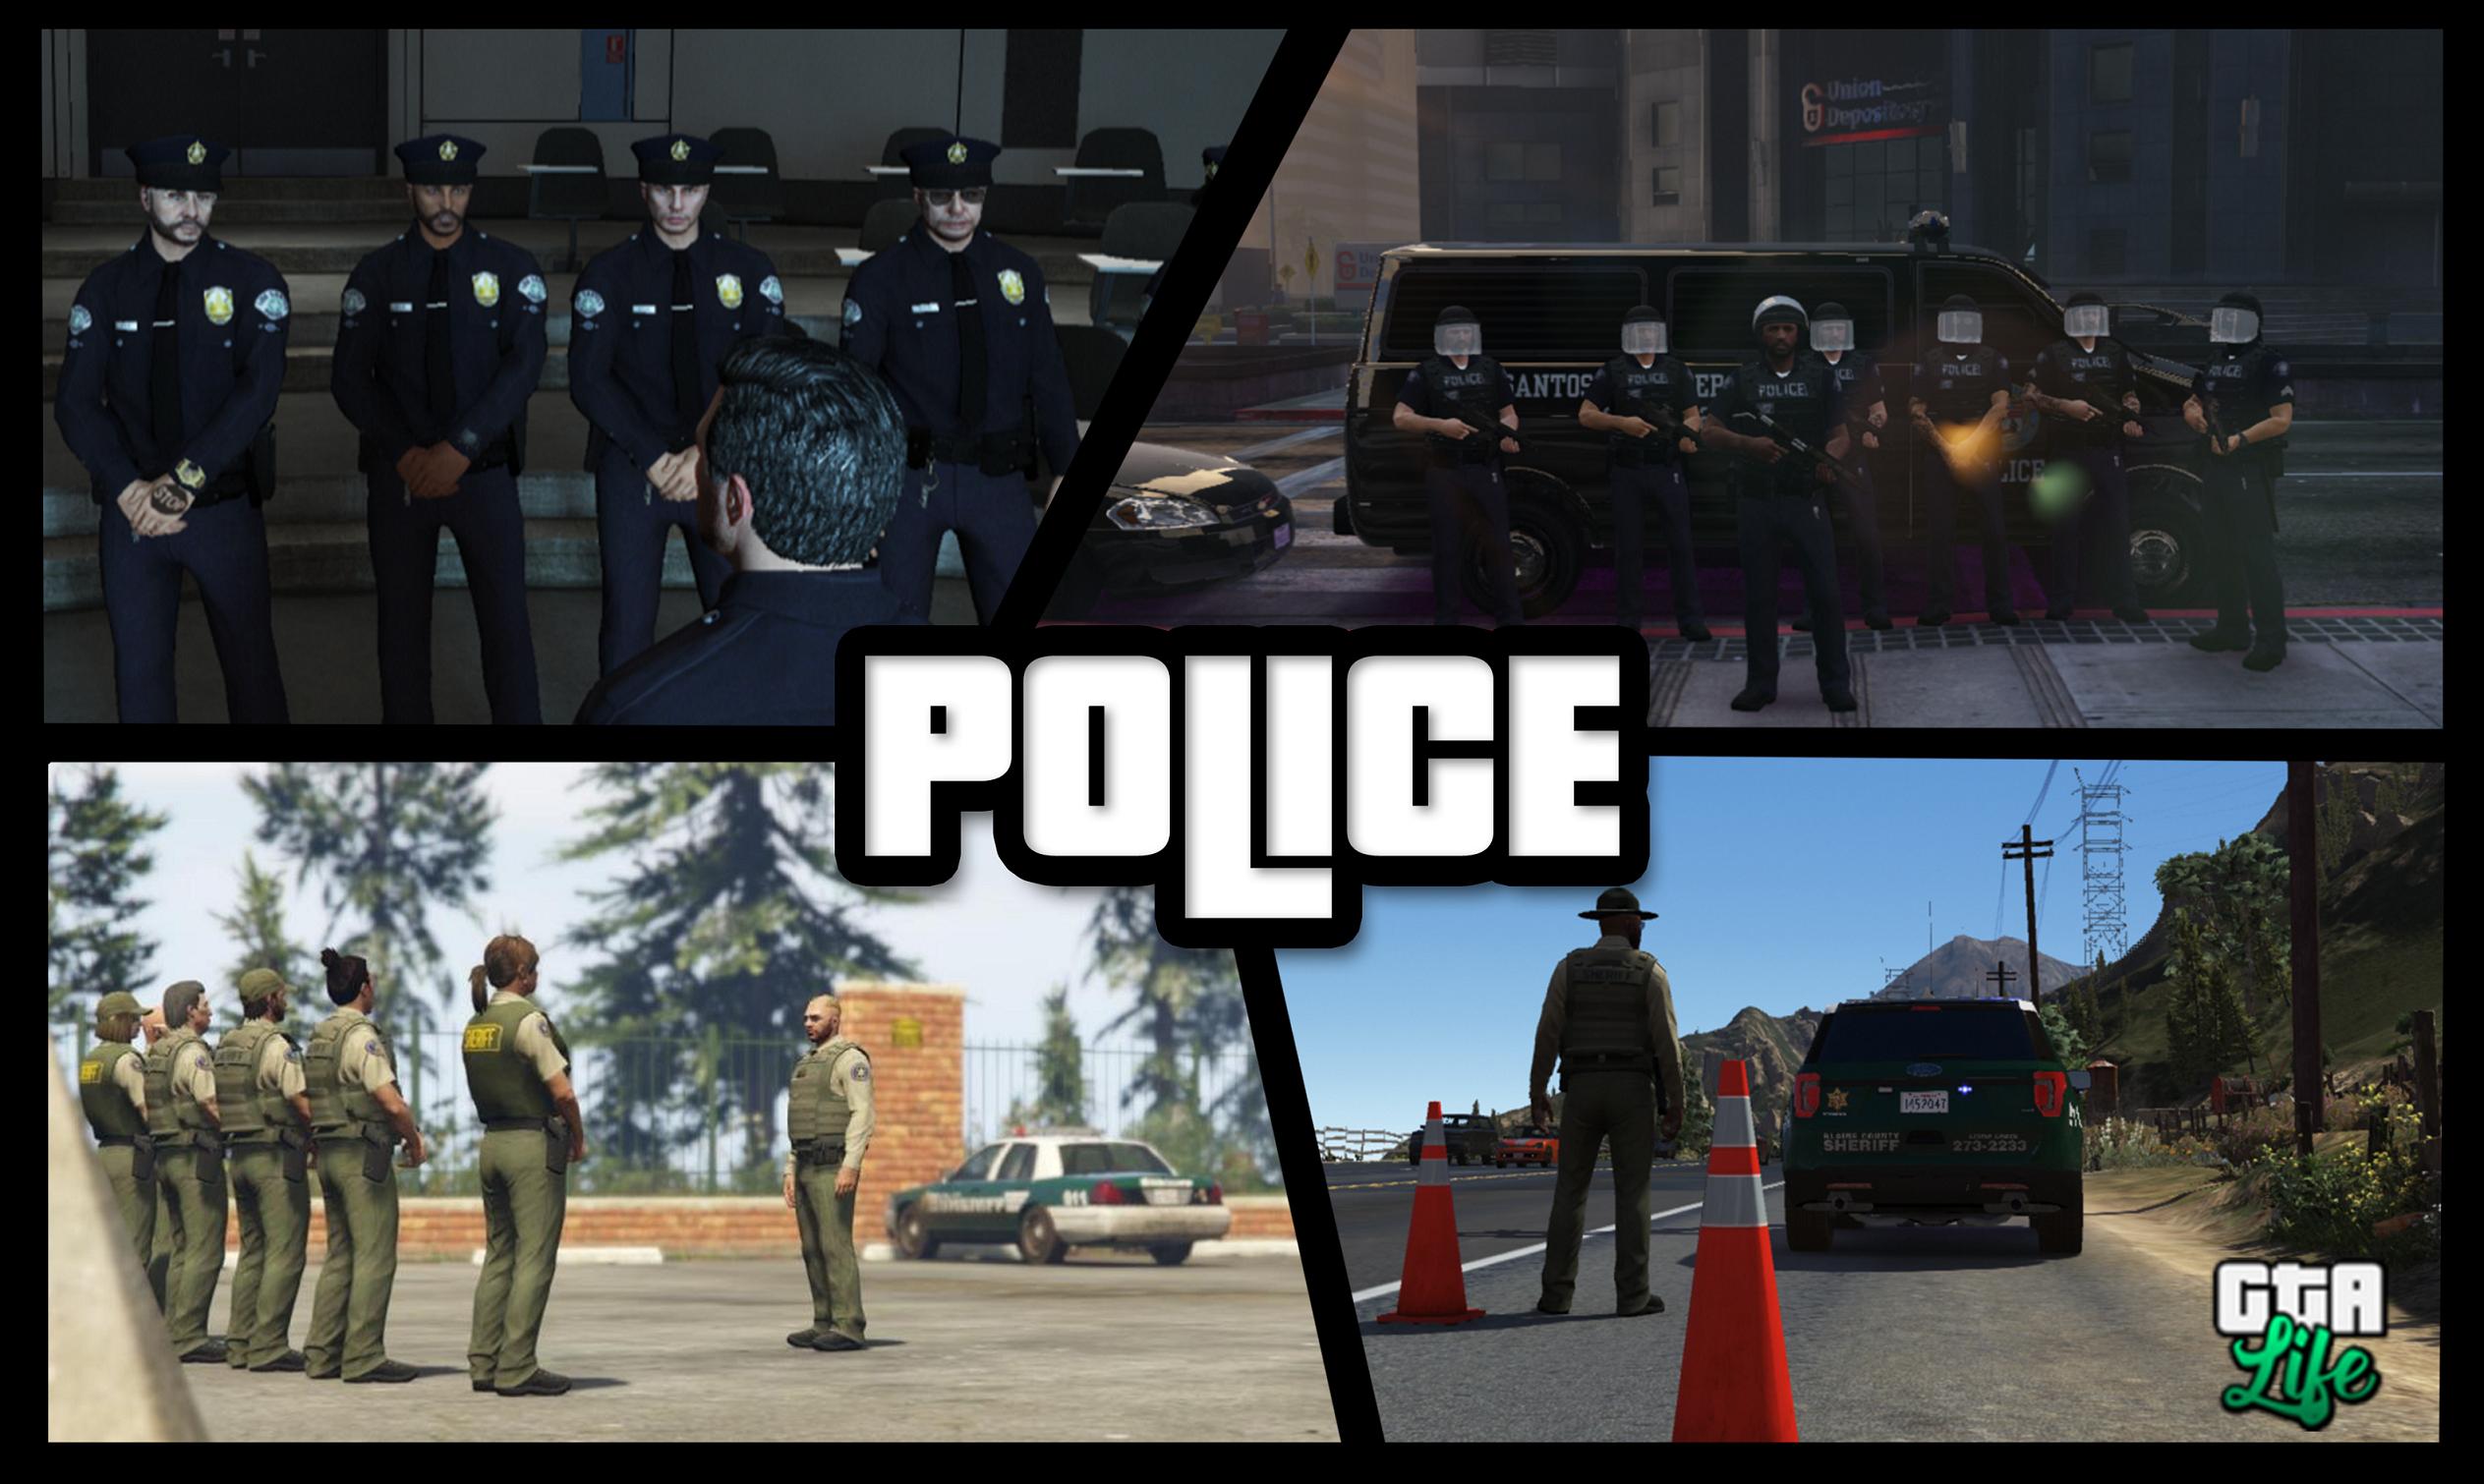 5b72ad11d3de4-Police.png